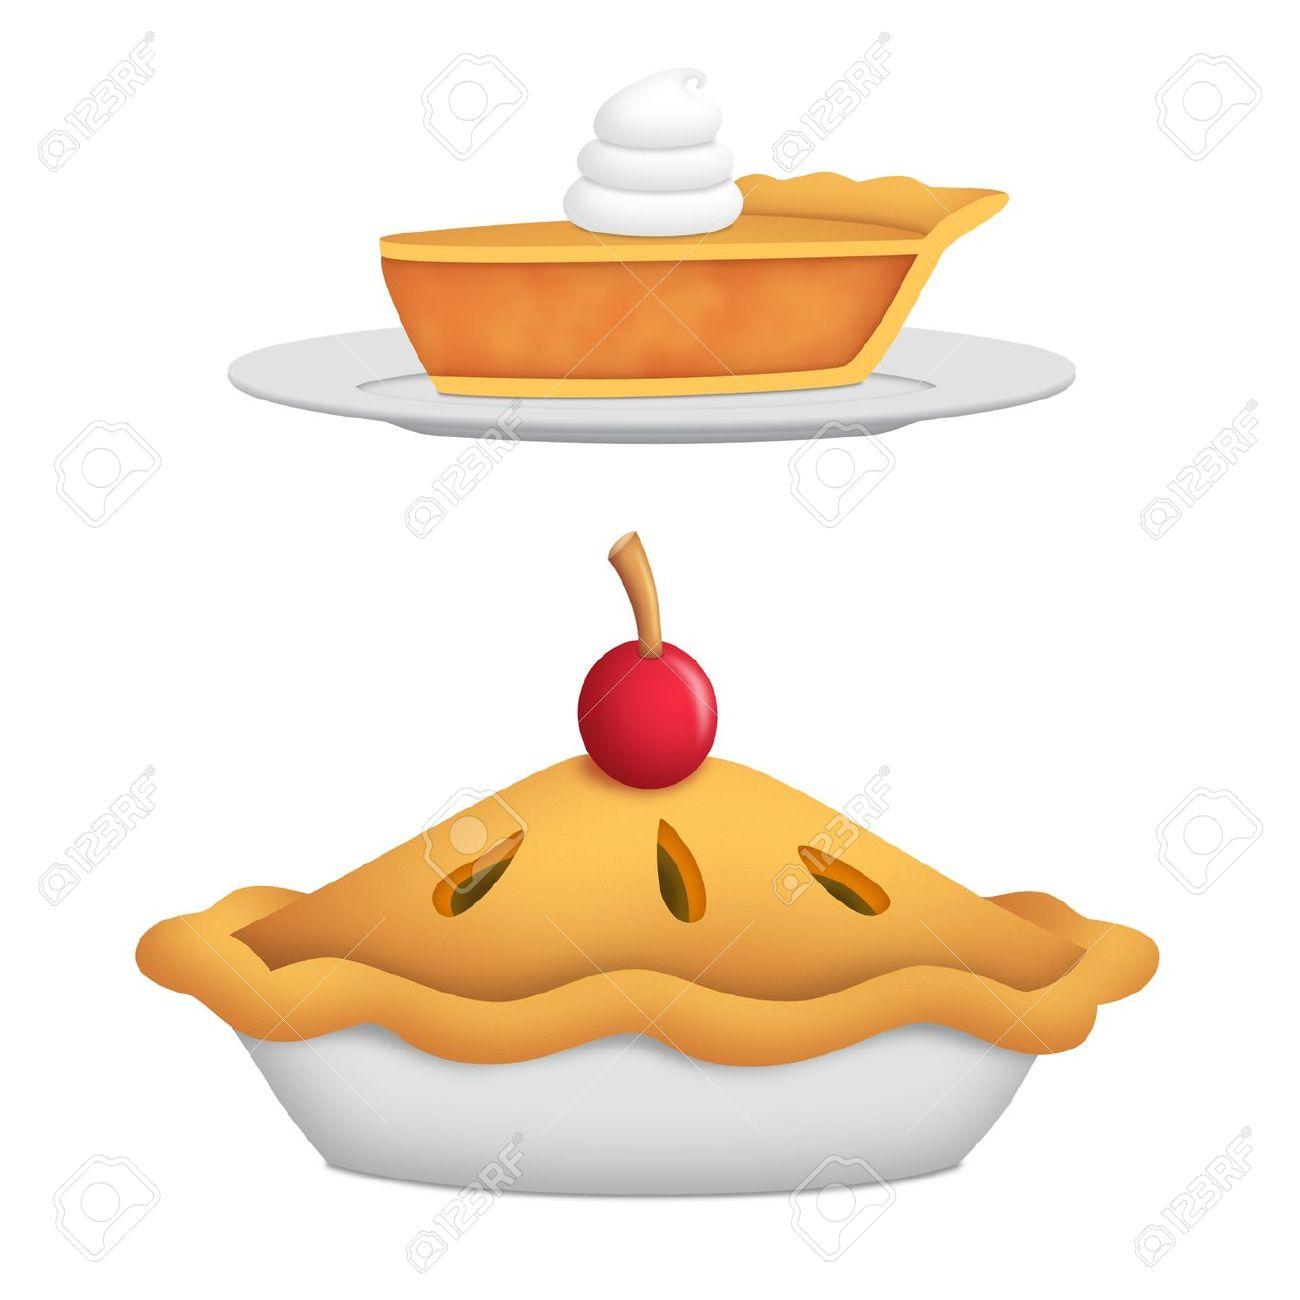 Whole Pie Clipart.